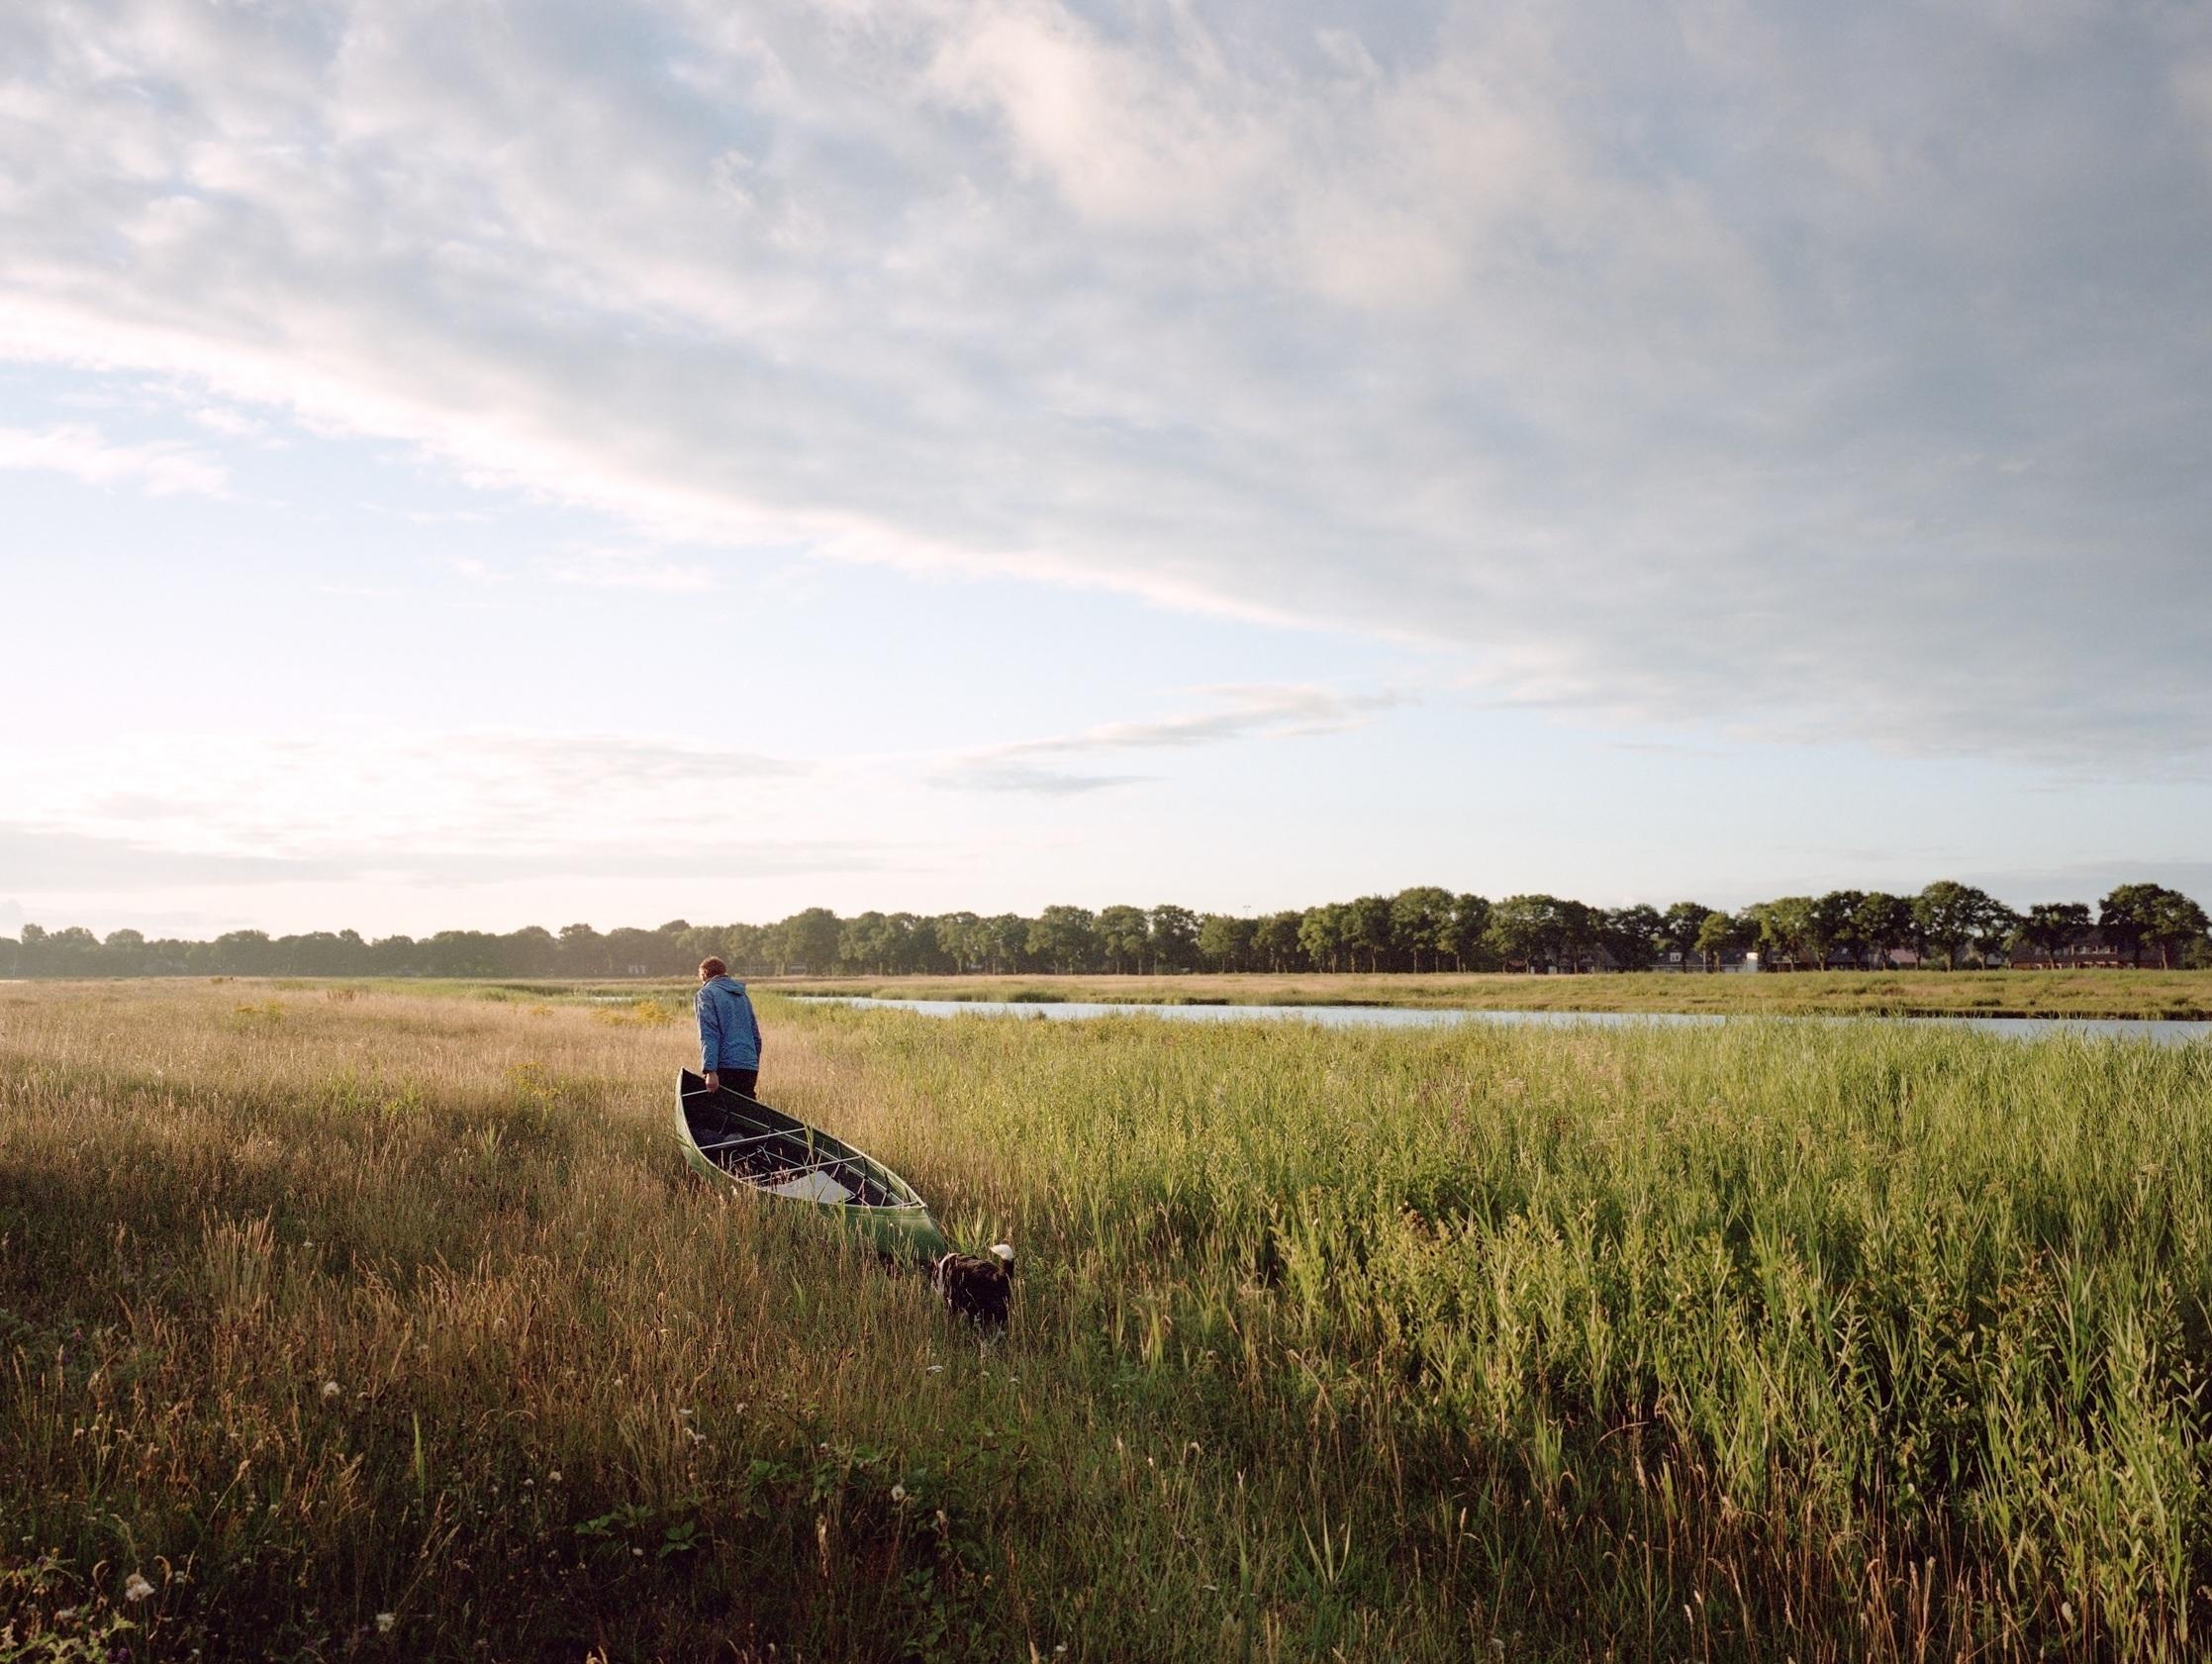 Opkomen en verdwijnen - (Over)leven op land en water